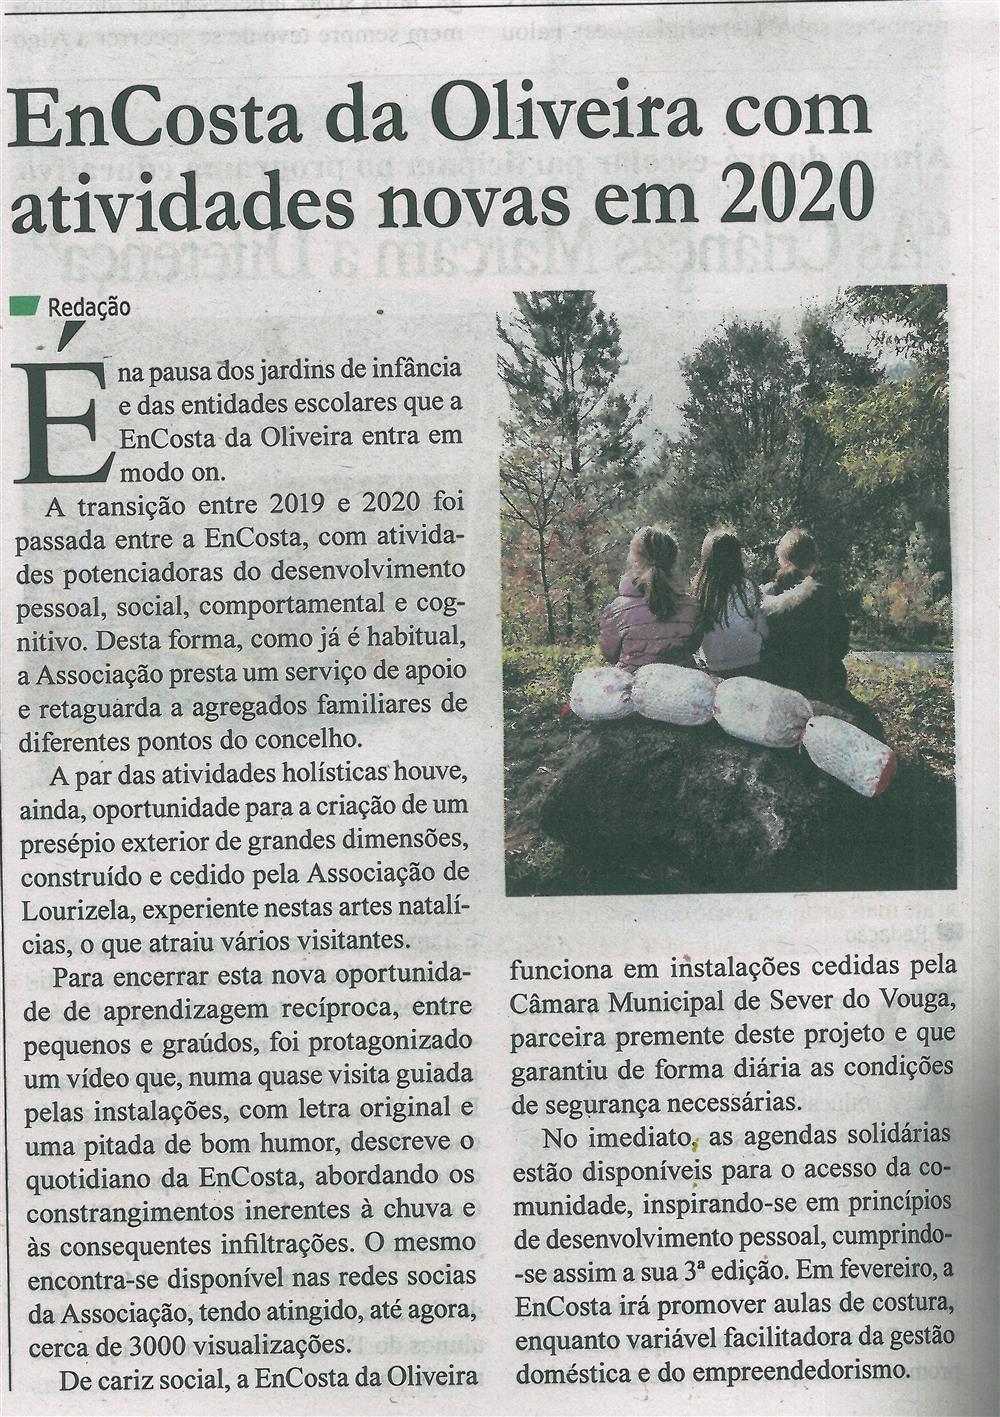 GB-30jan.'20-p.8-Encosta da Oliveira com atividades novas em 2020.jpg